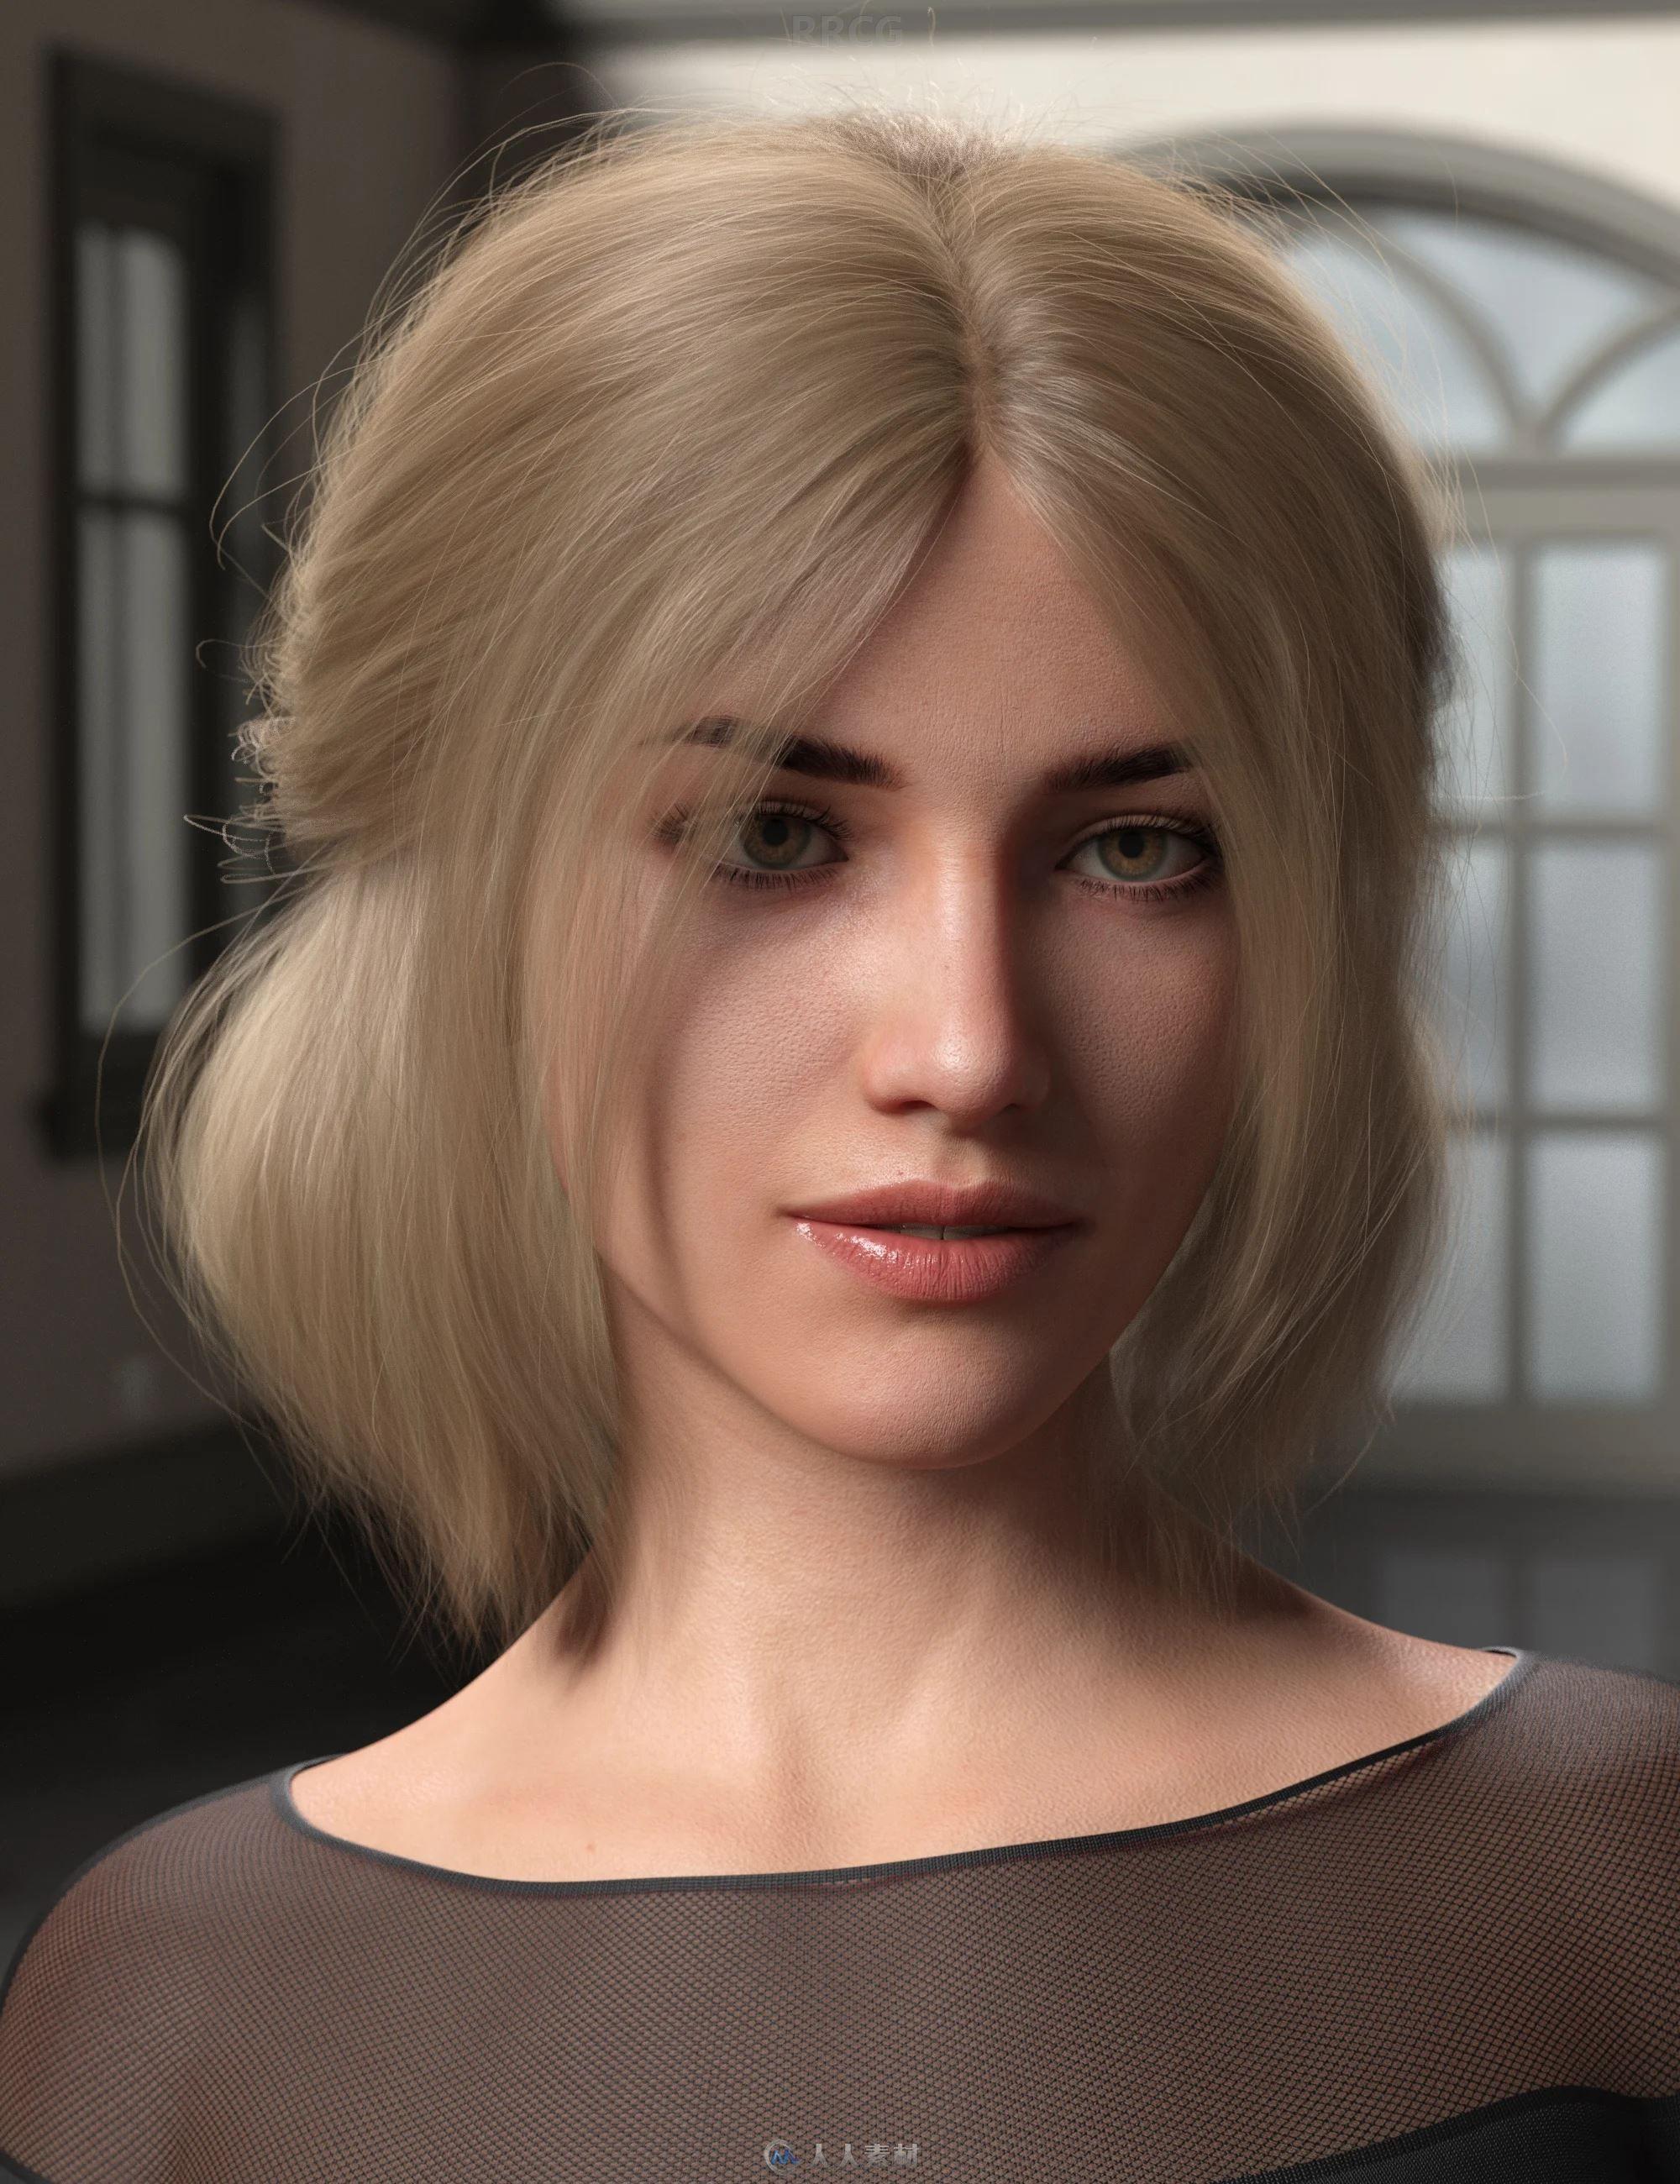 八字刘海半马尾锁骨短发女性不同发色发型3D模型合集